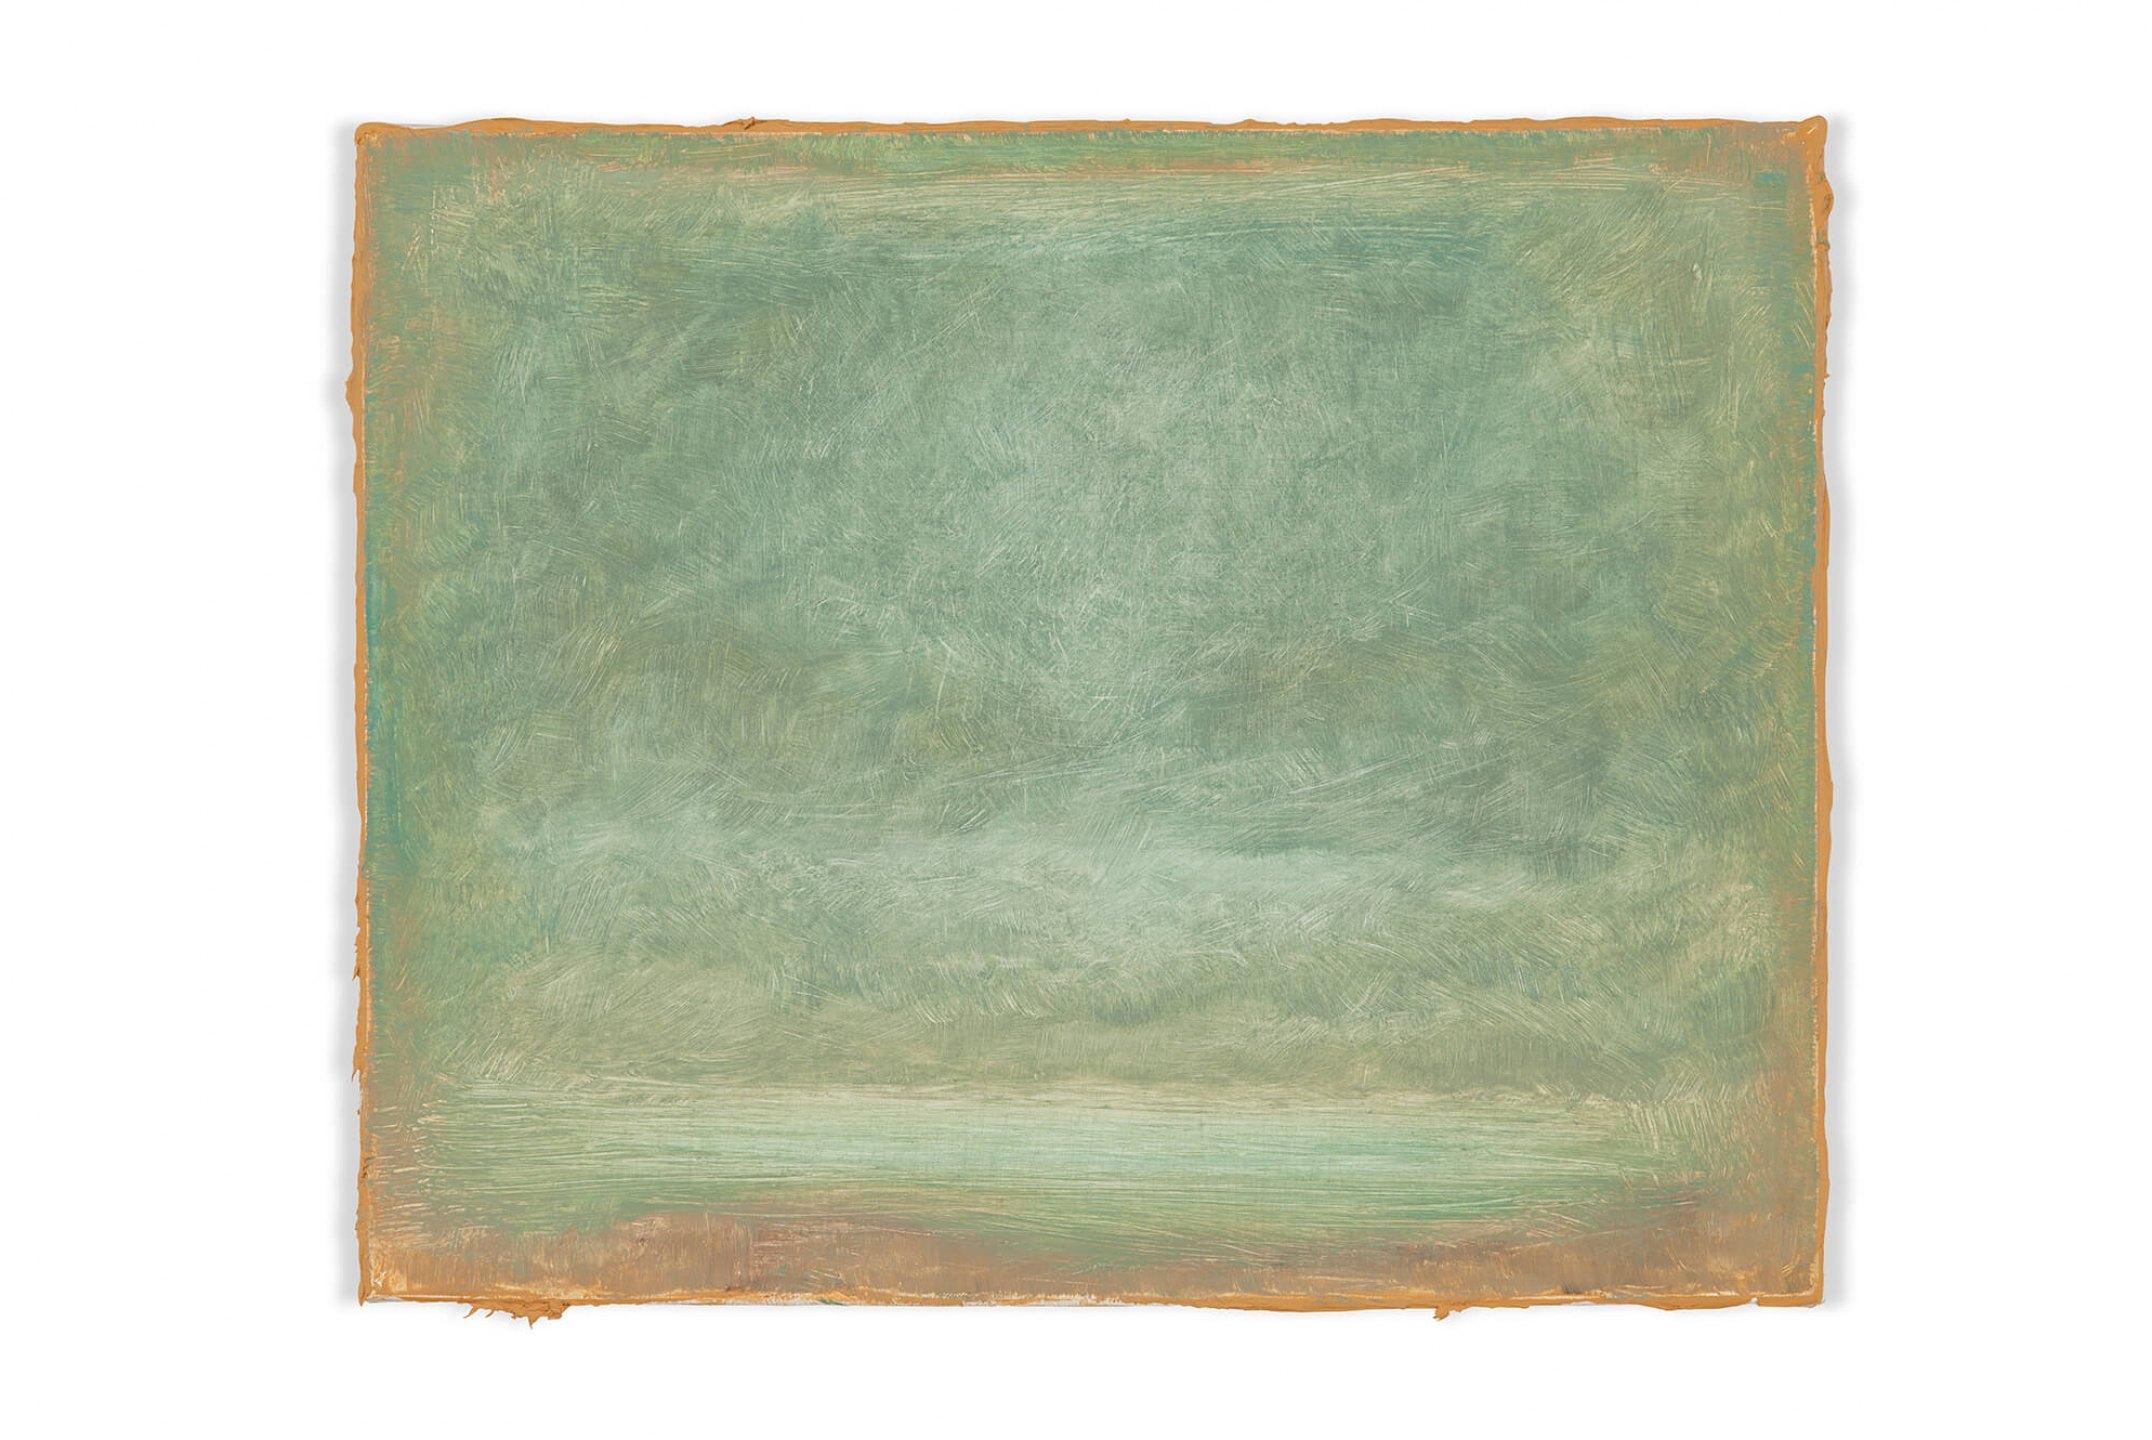 Lucas Arruda, <em>untitled</em>, 2014, oil on canvas, 25 × 31 cm - Mendes Wood DM